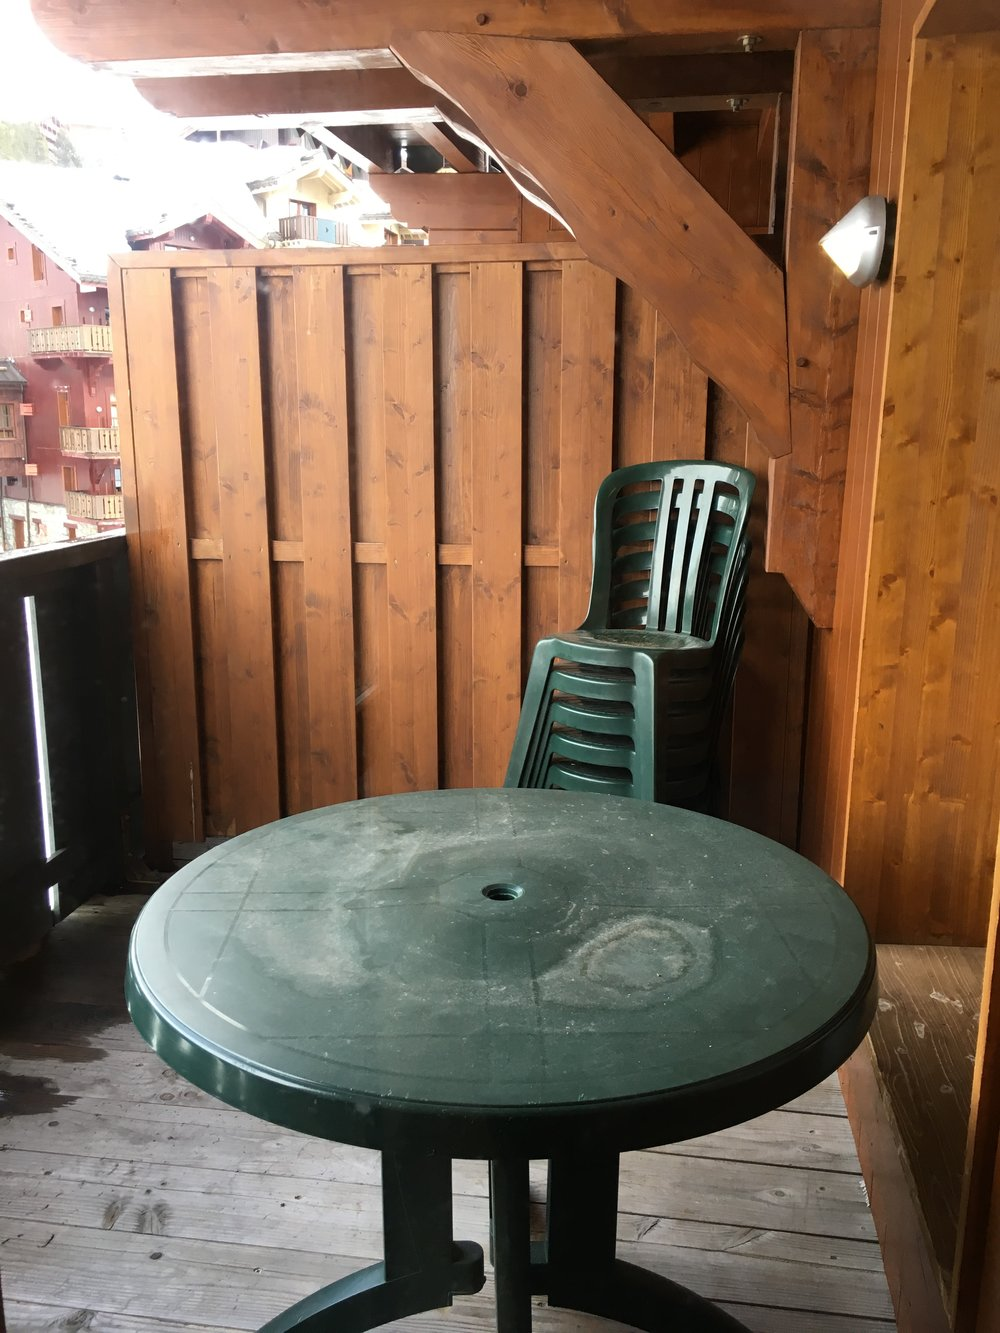 balcony table chairs view varanda outside area.jpeg